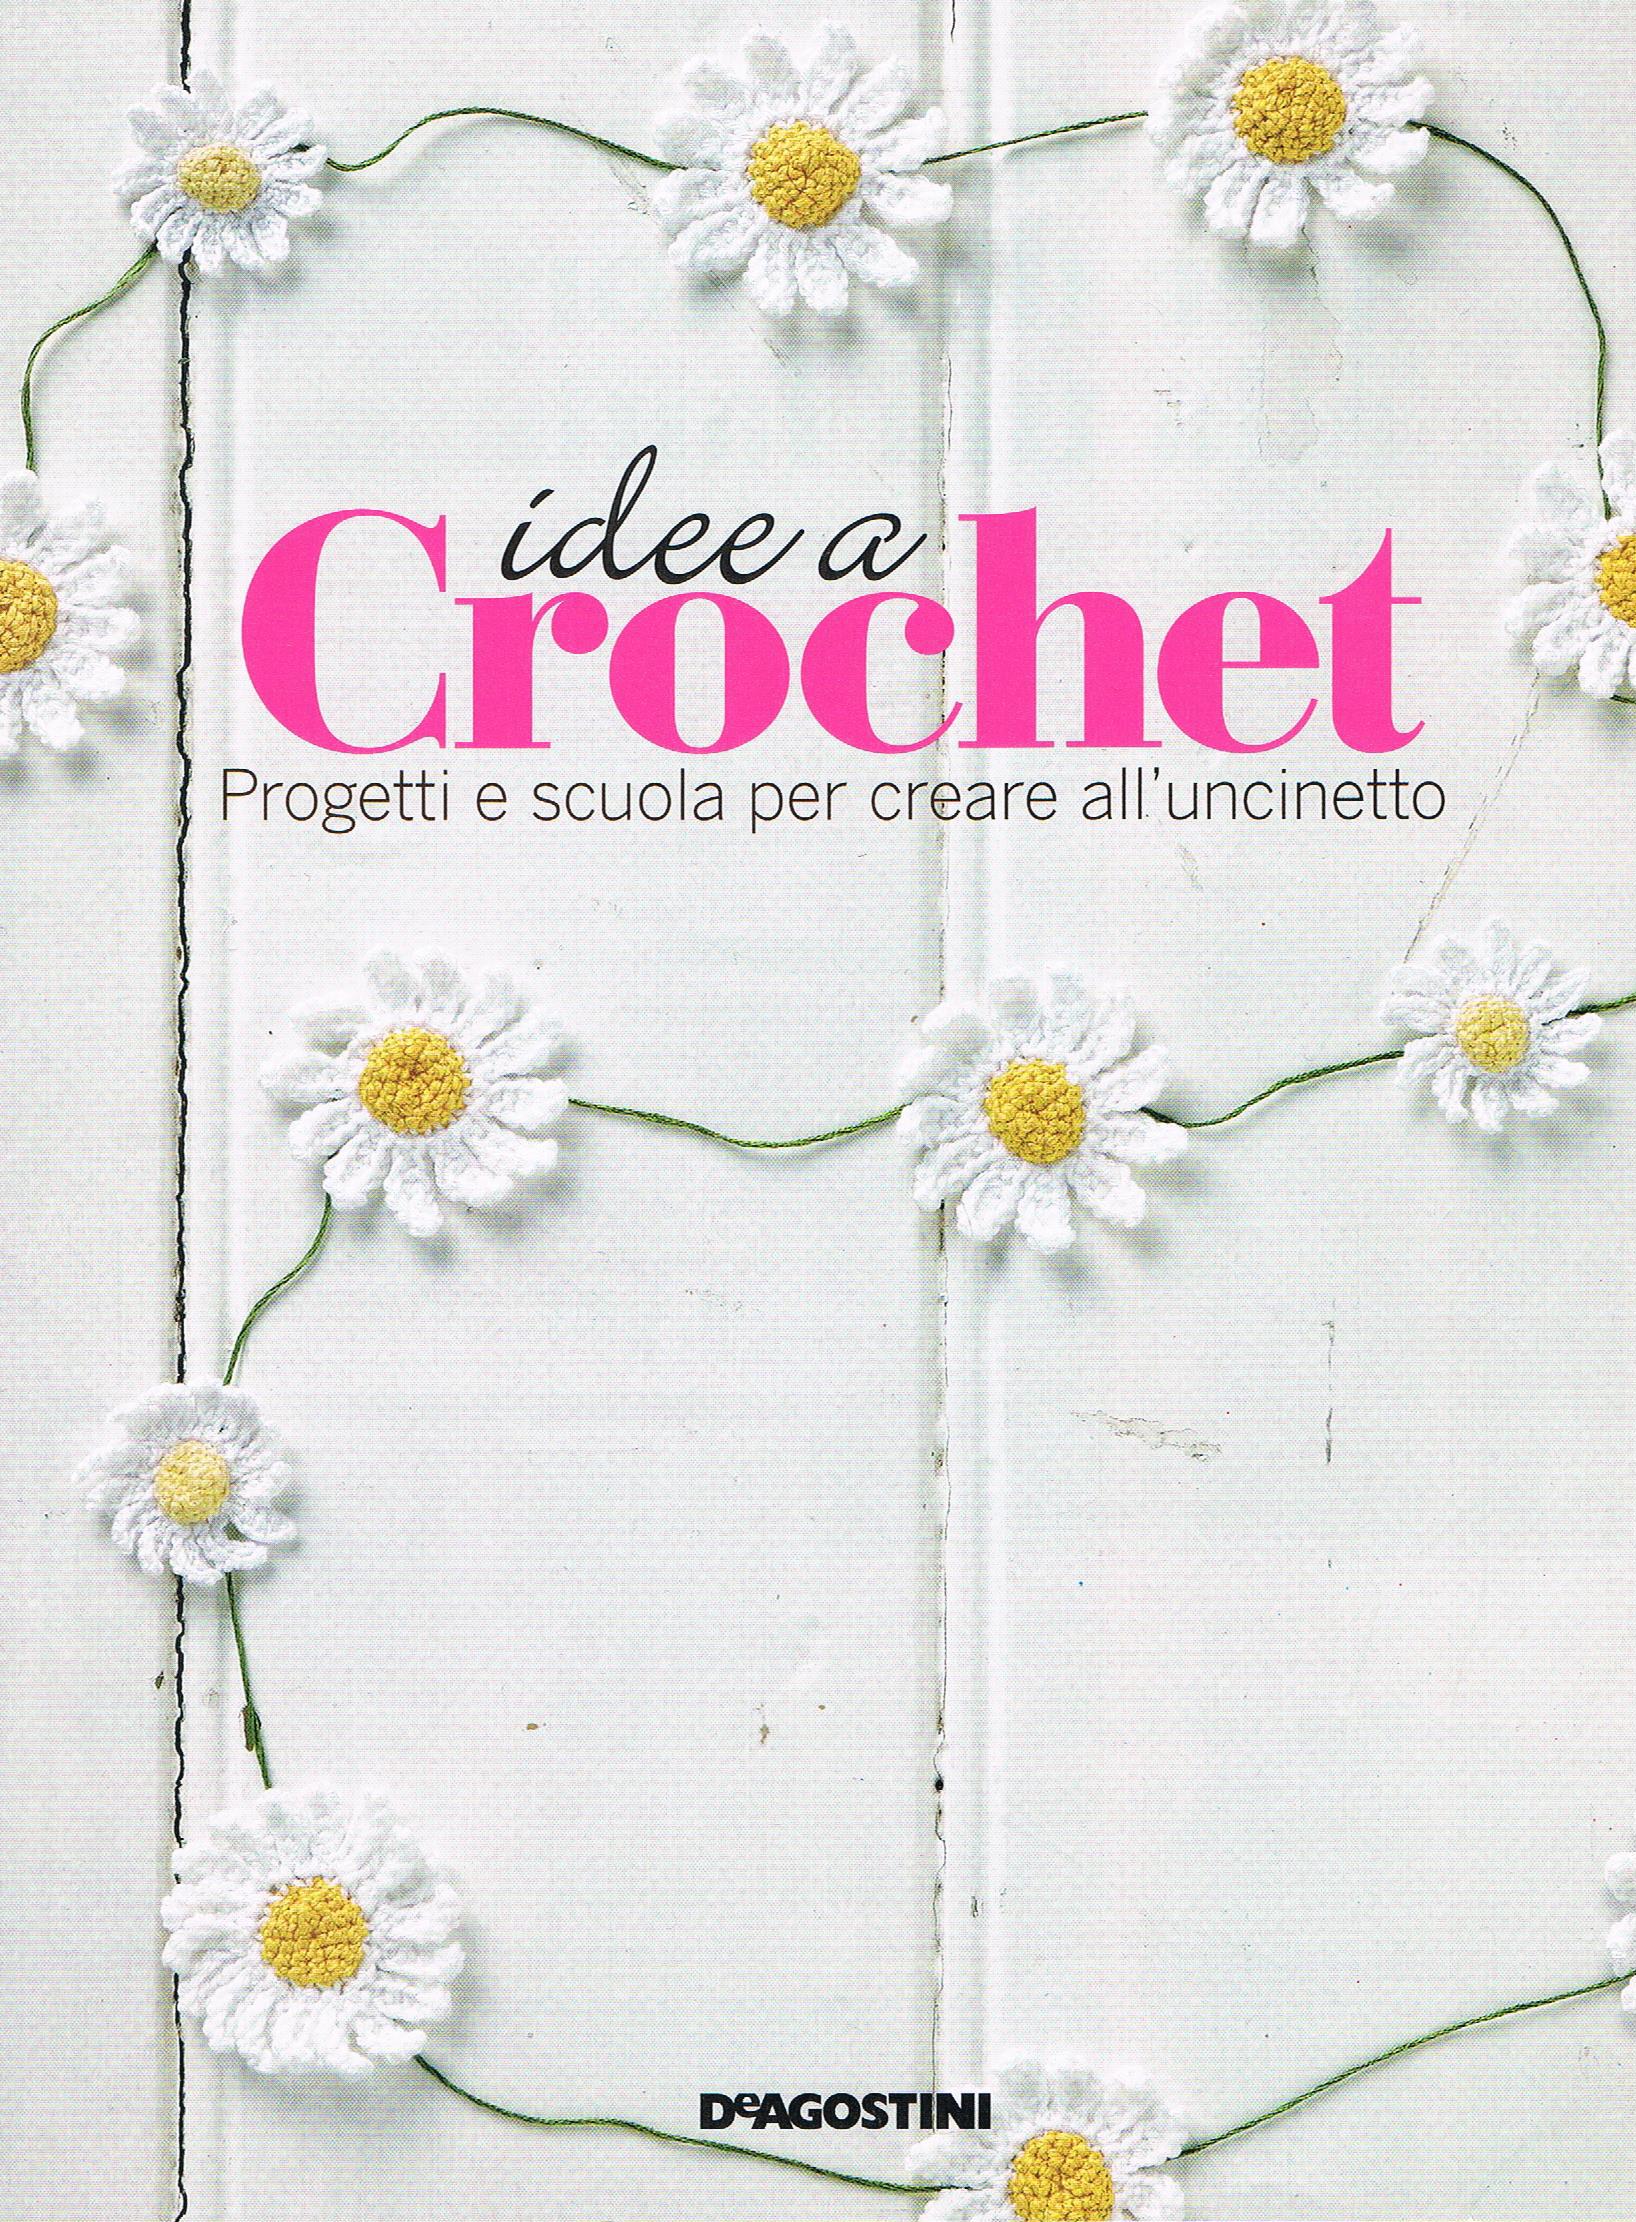 Idee a Crochet 2.jpg